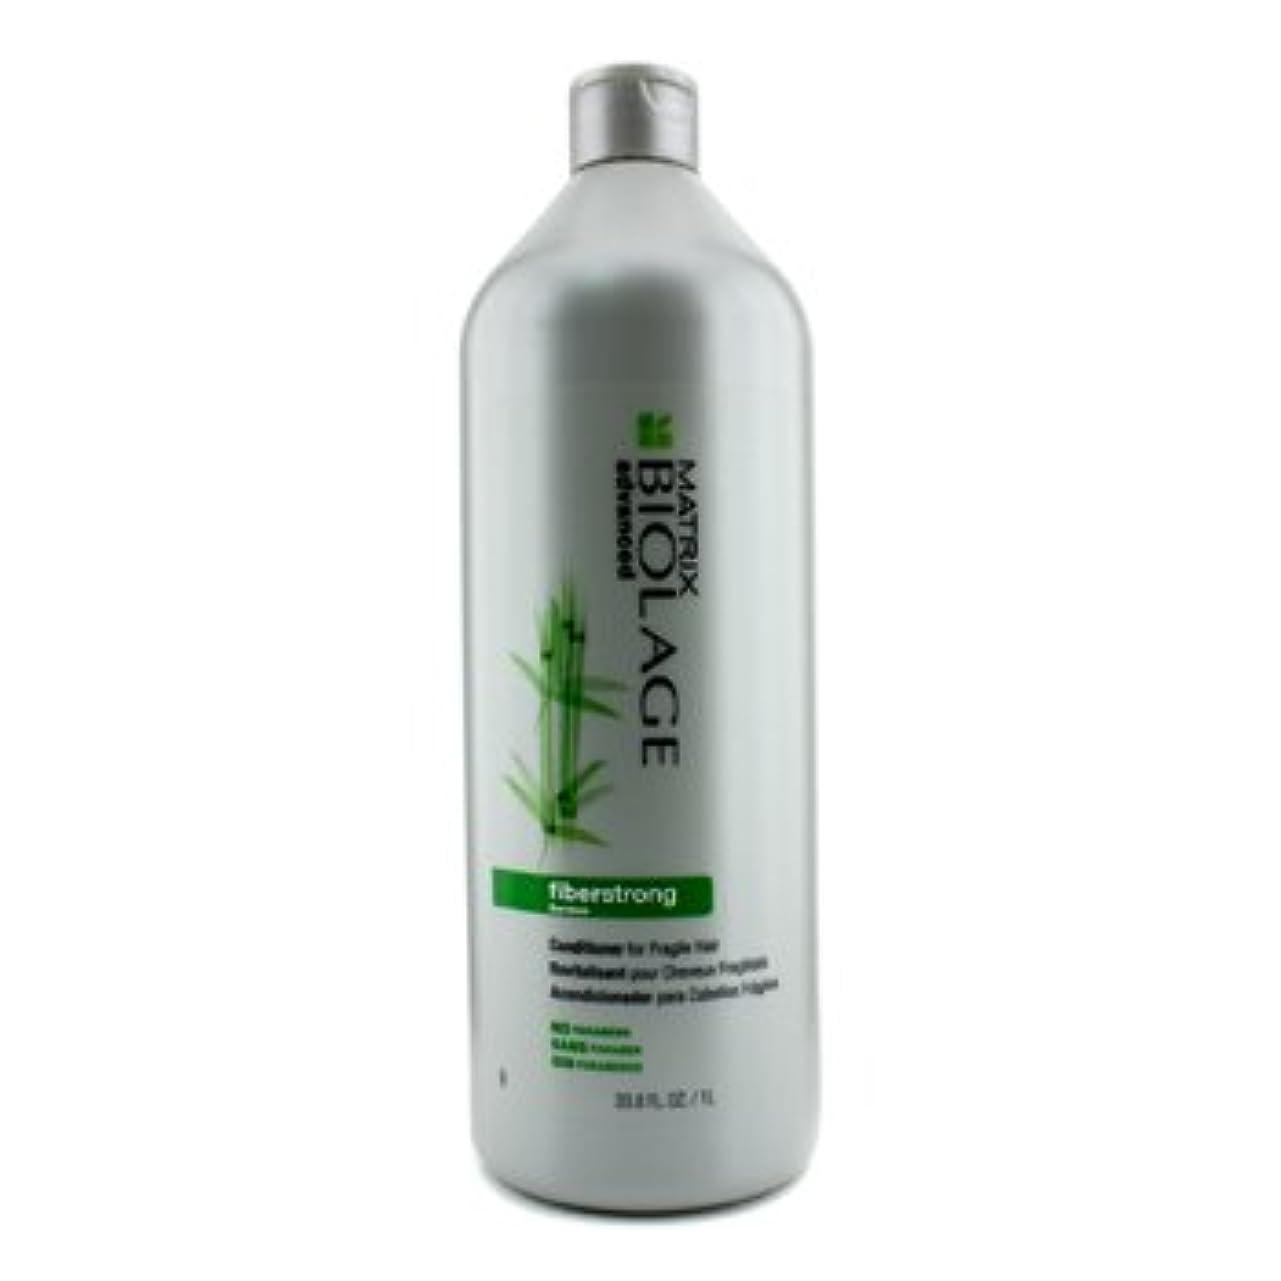 カブトロリーバス極地[Matrix] Biolage Advanced FiberStrong Conditioner (For Fragile Hair) 1000ml/33.8oz